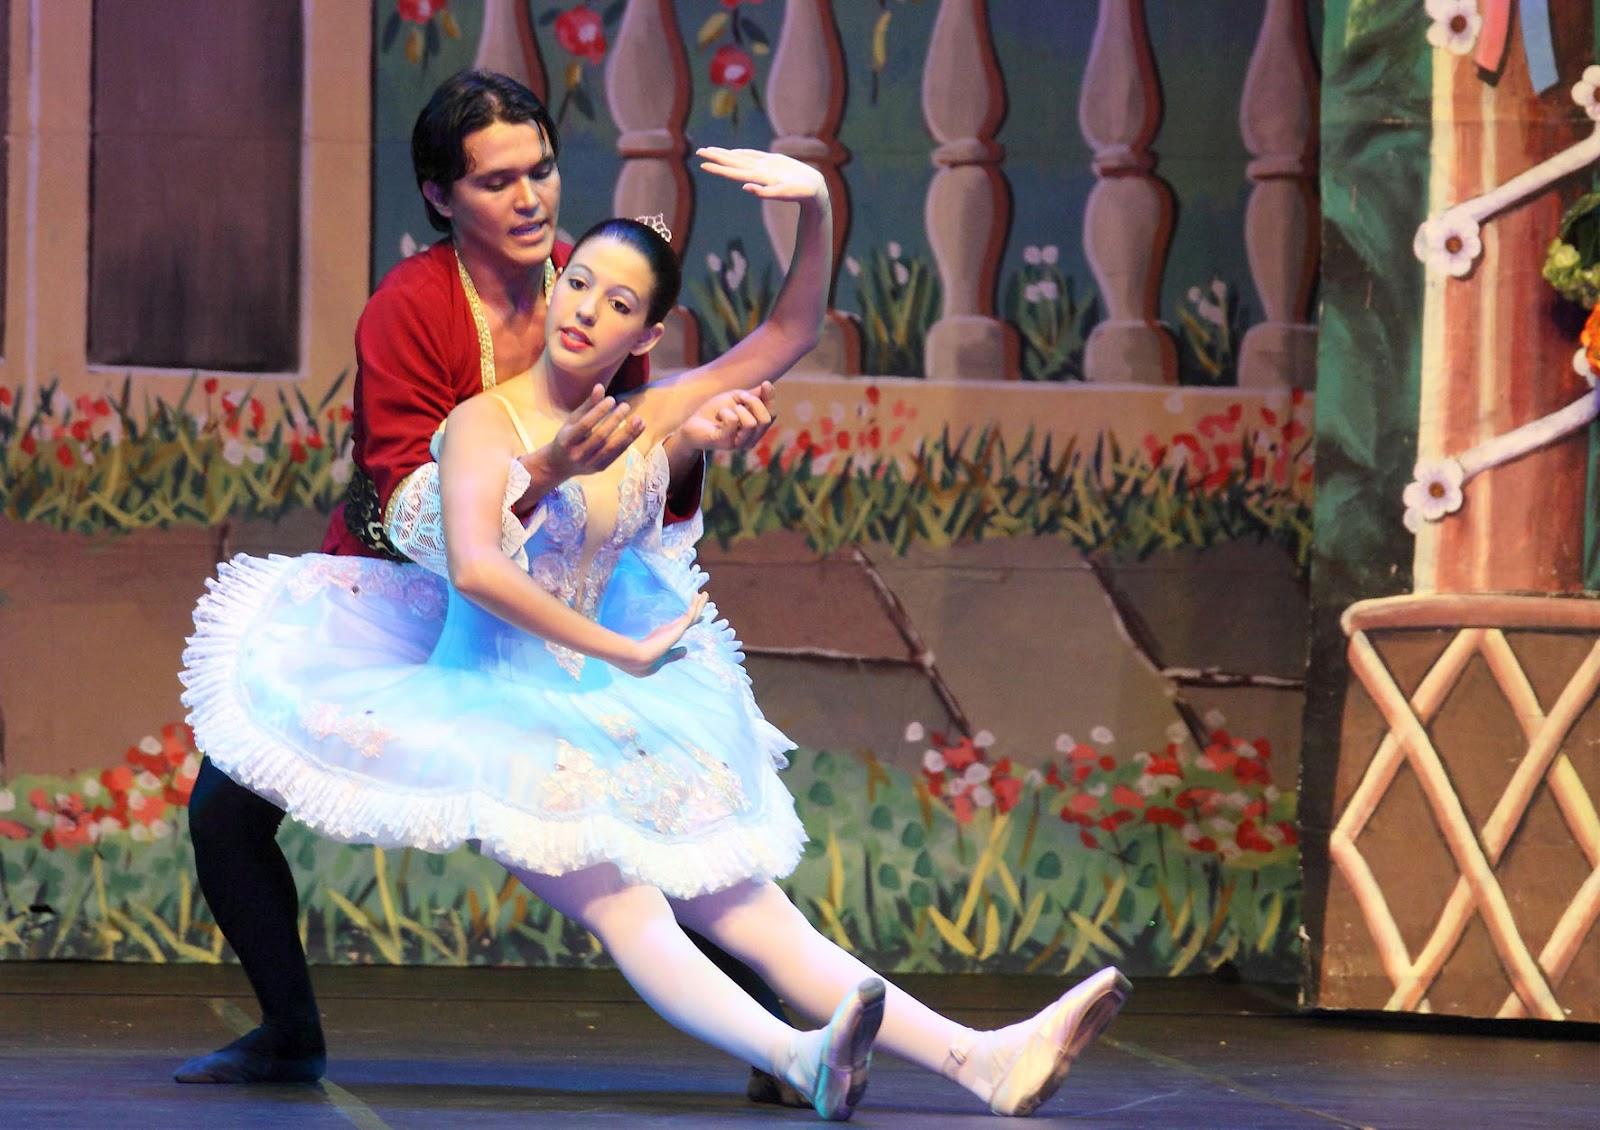 ade248df0f Ballet clássico e dança contemporânea em espetáculo com quatro atrações  diferentes no Teatro Luiz Mendonça